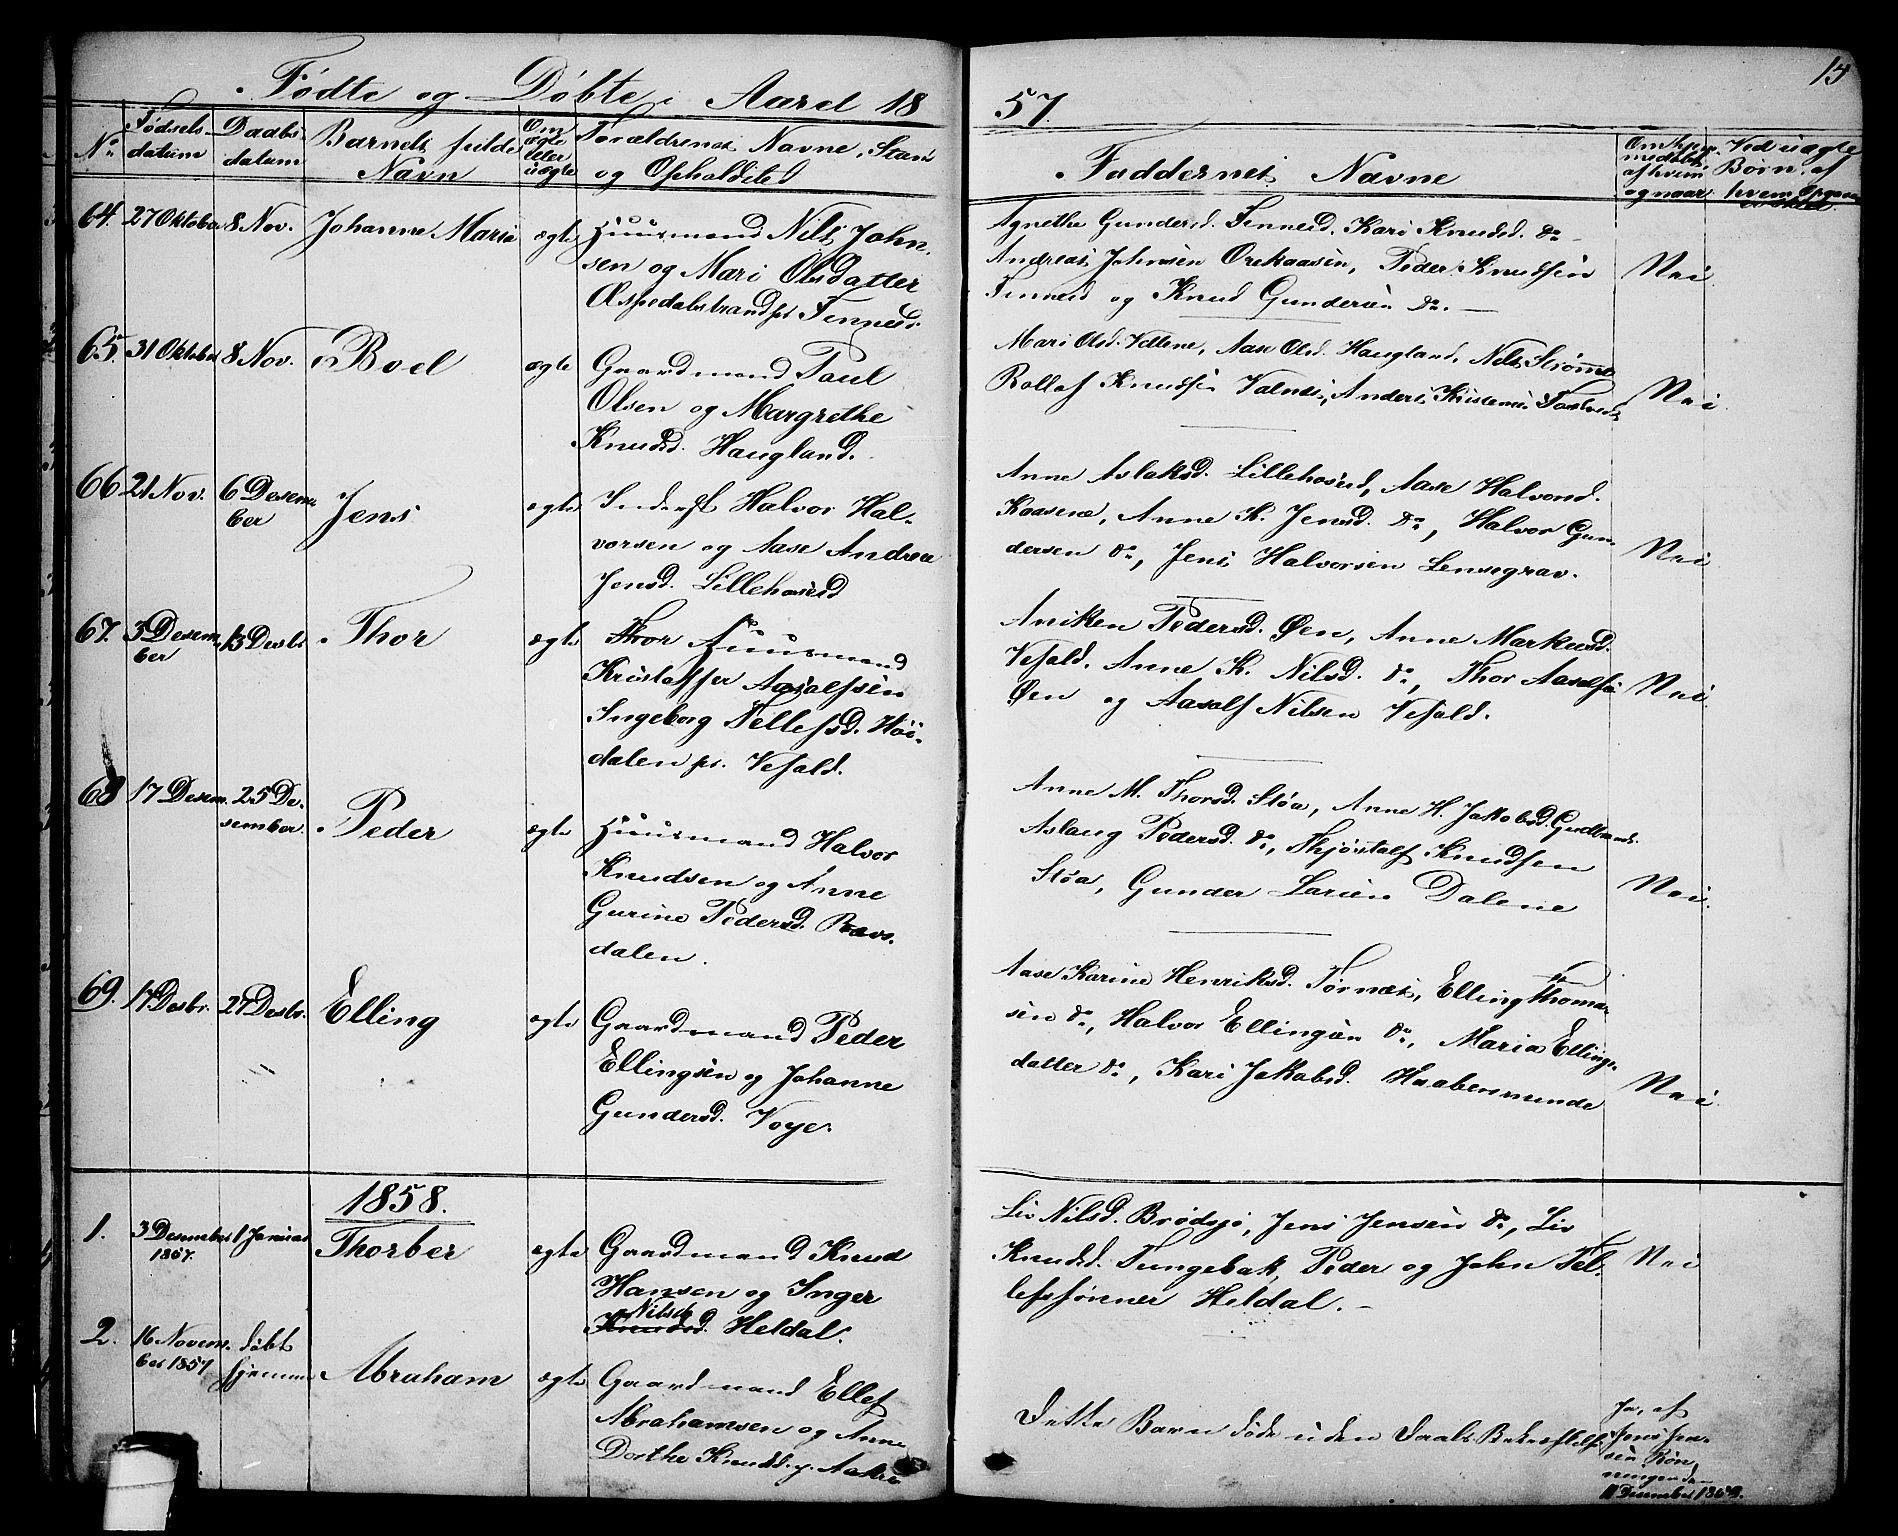 SAKO, Drangedal kirkebøker, G/Ga/L0002: Klokkerbok nr. I 2, 1856-1887, s. 15